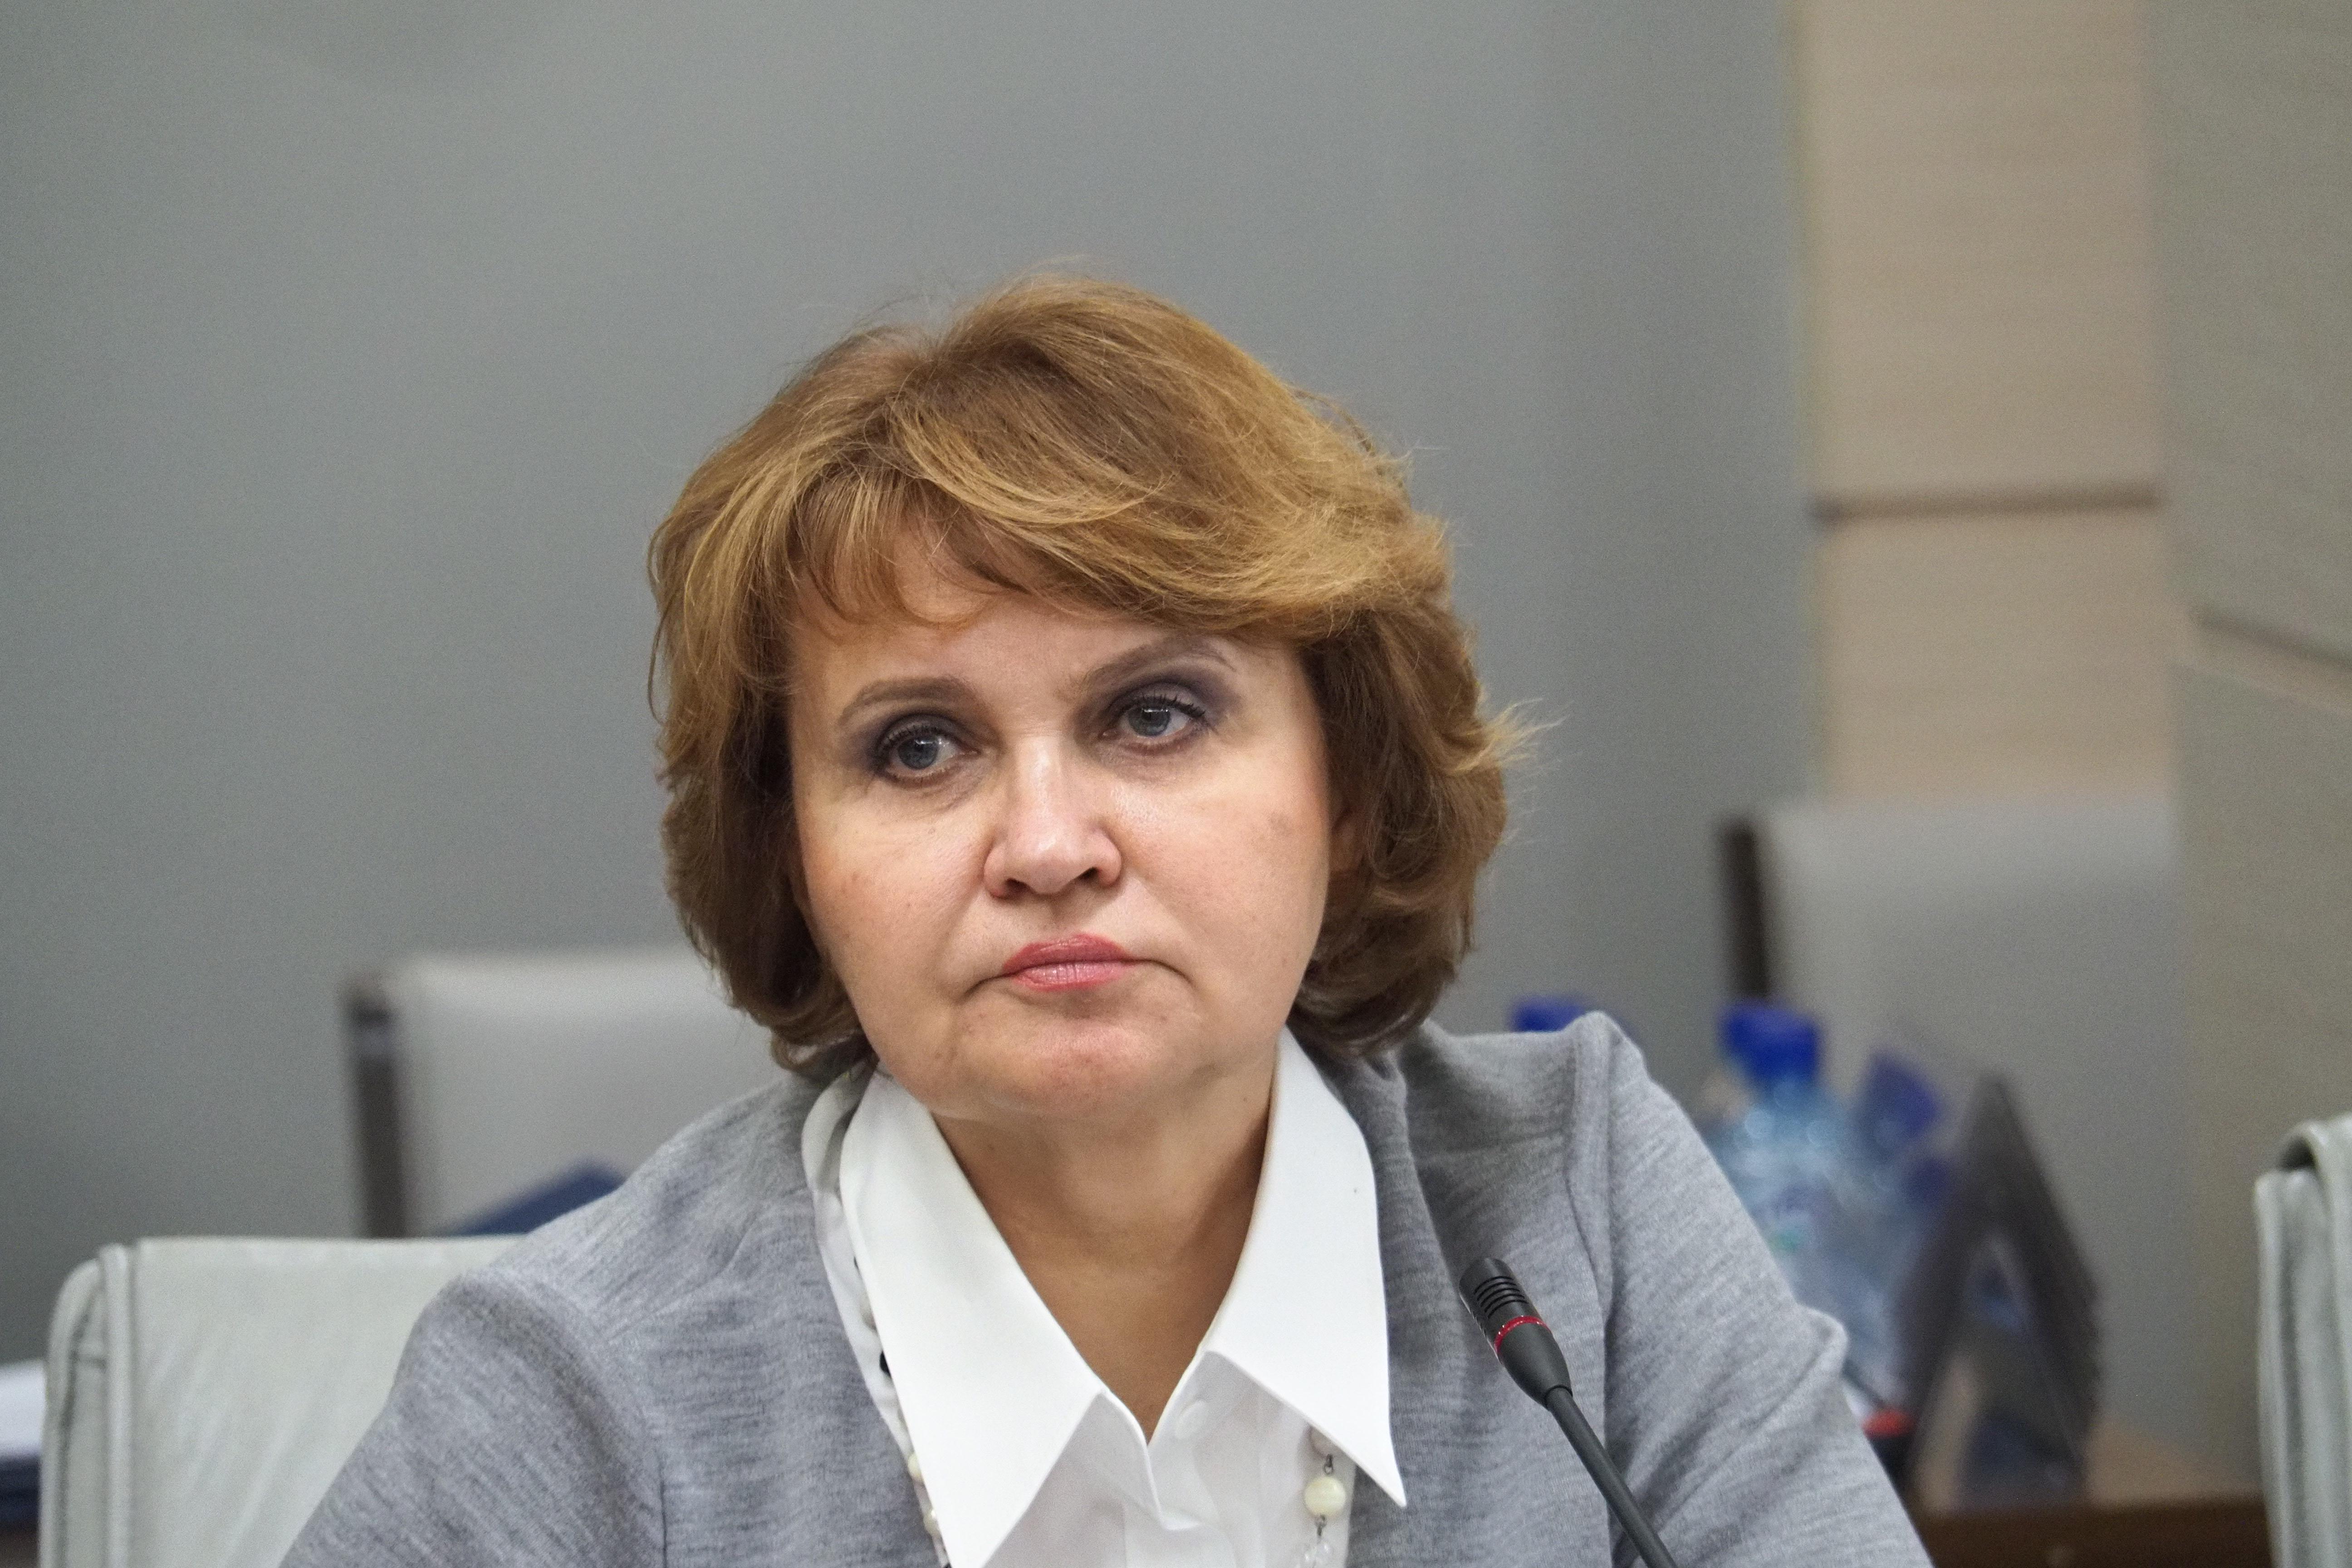 Депутат МГД Гусева подготовила поправку в бюджет о поддержке безработных